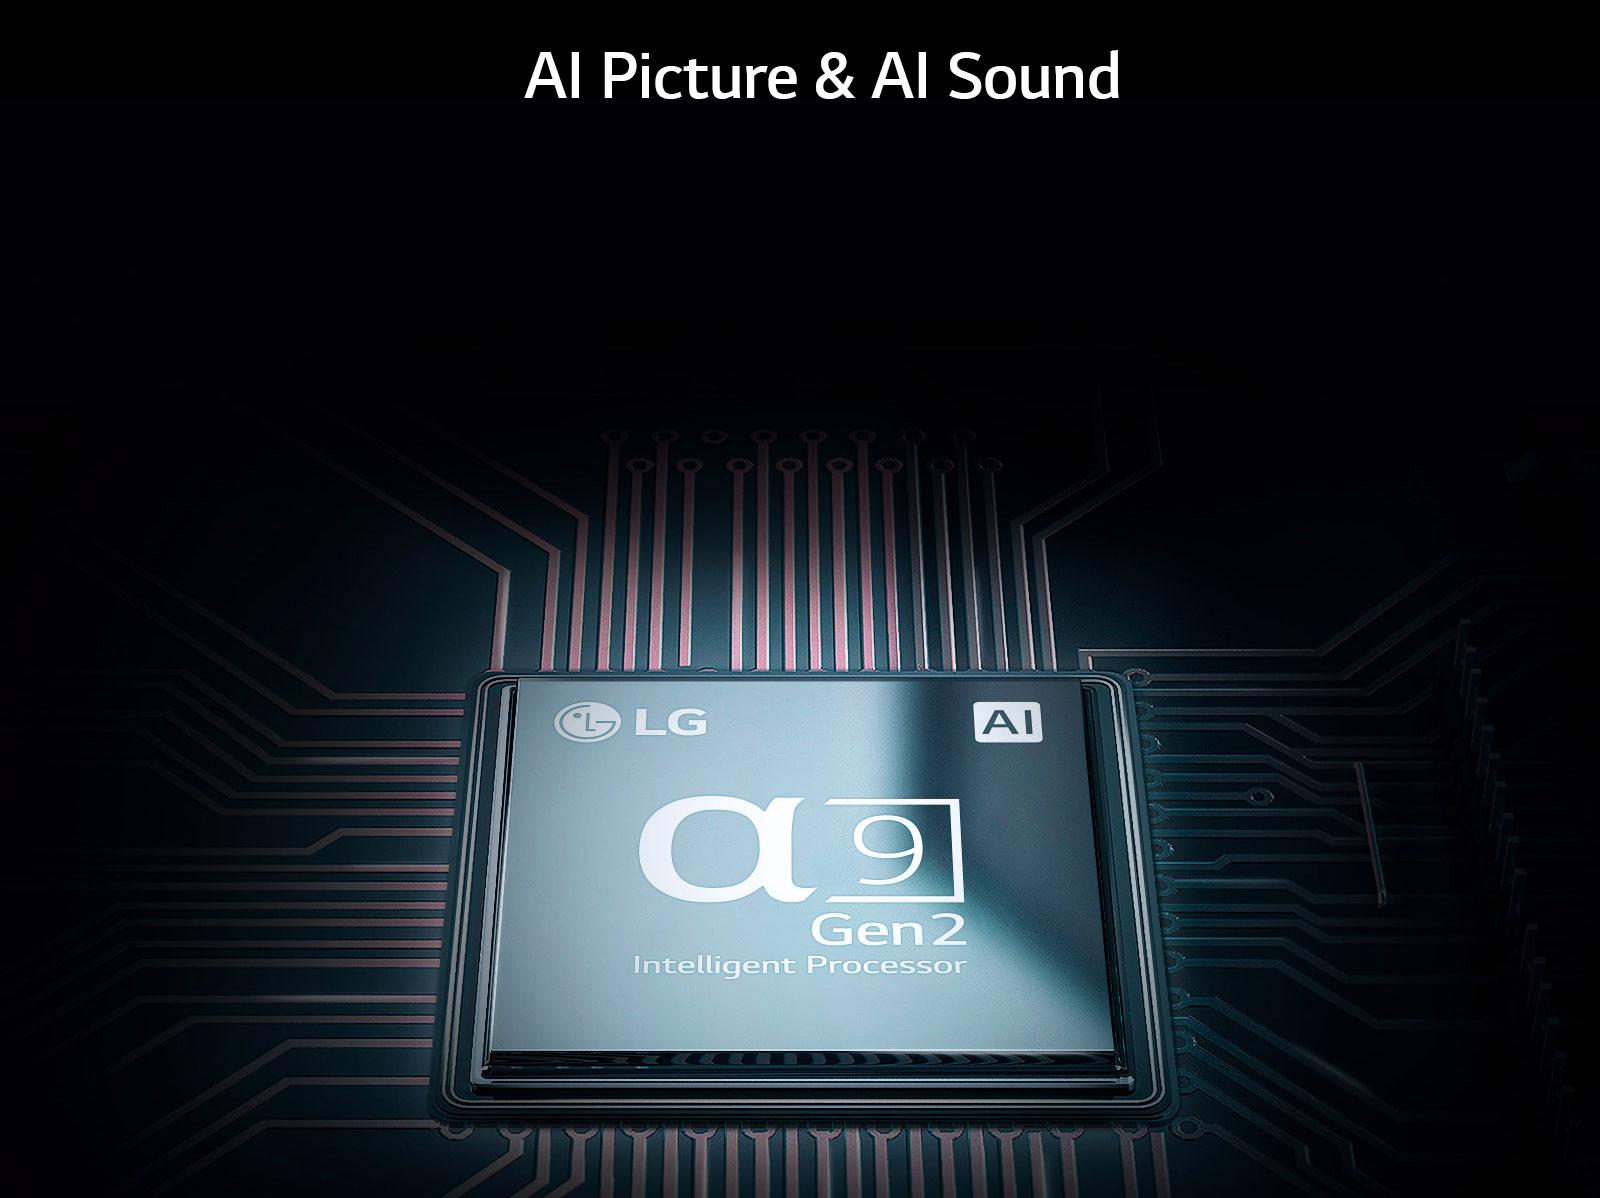 TV-OLED-C9-01-Alpha9-Gen-2-Desktop_v1